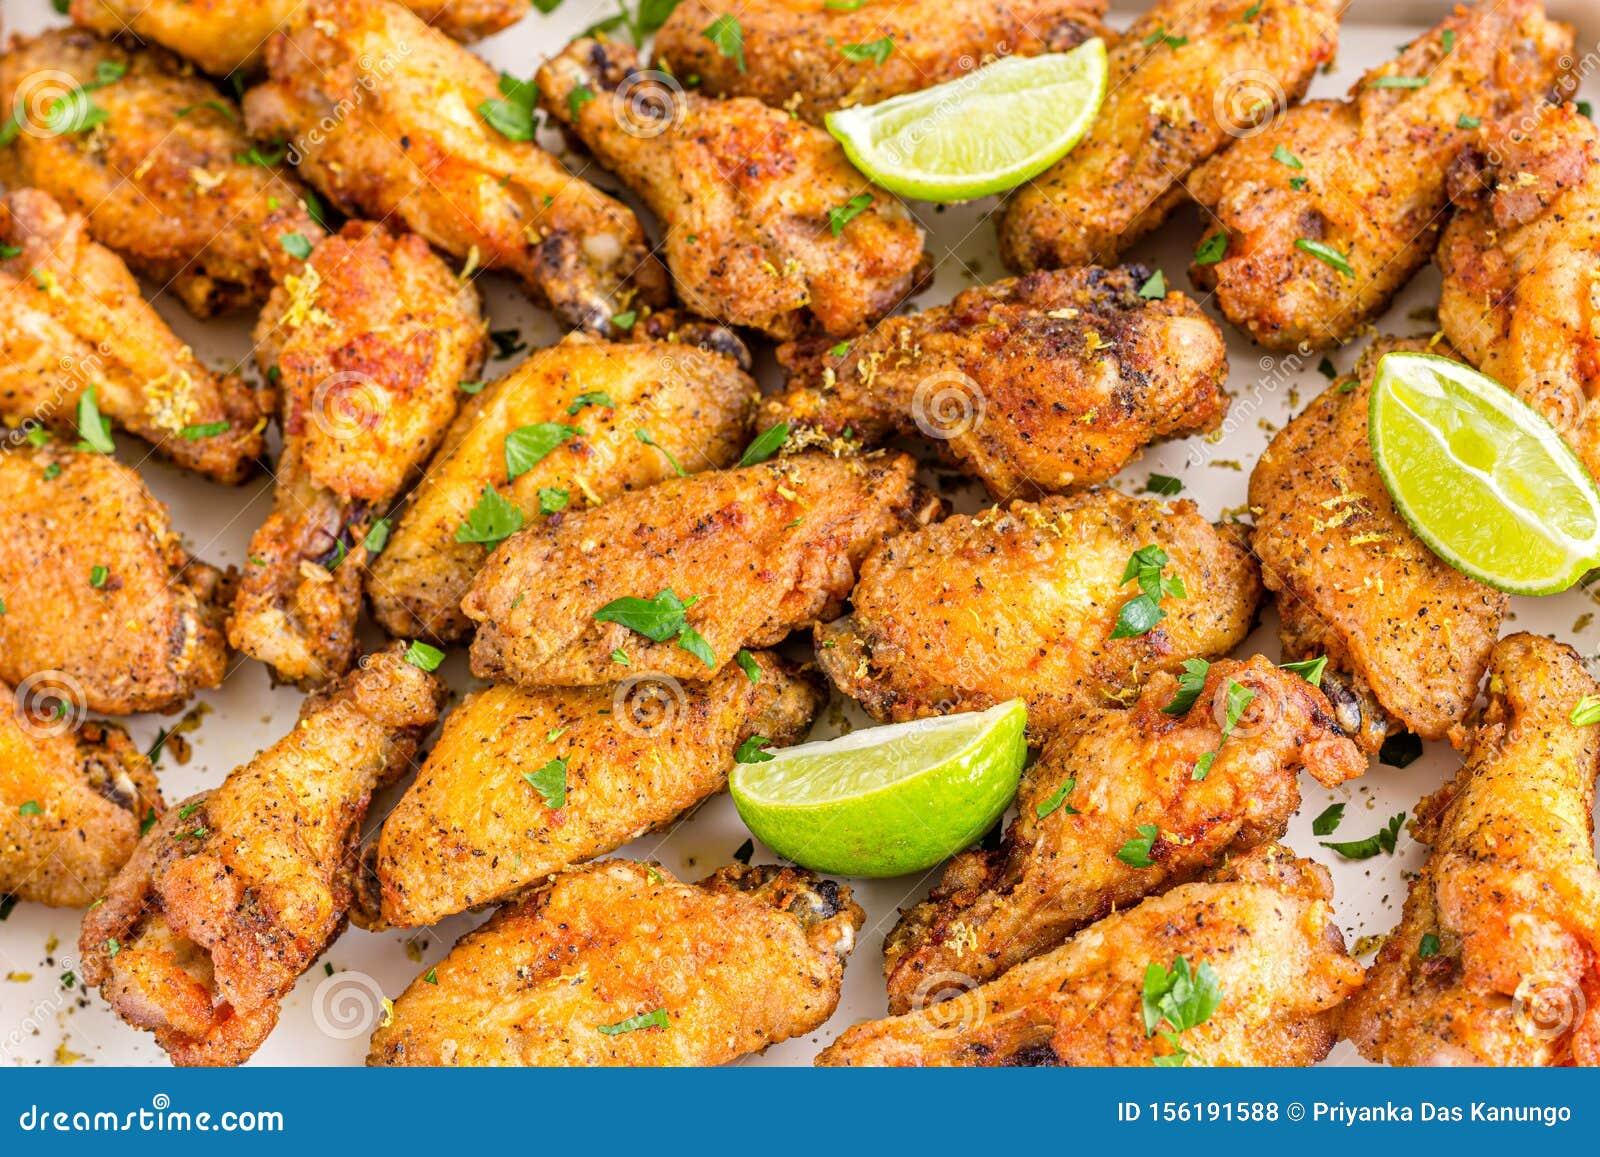 Crispy Fried Lemon Pepper Chicken Wings with Lemon Wedges